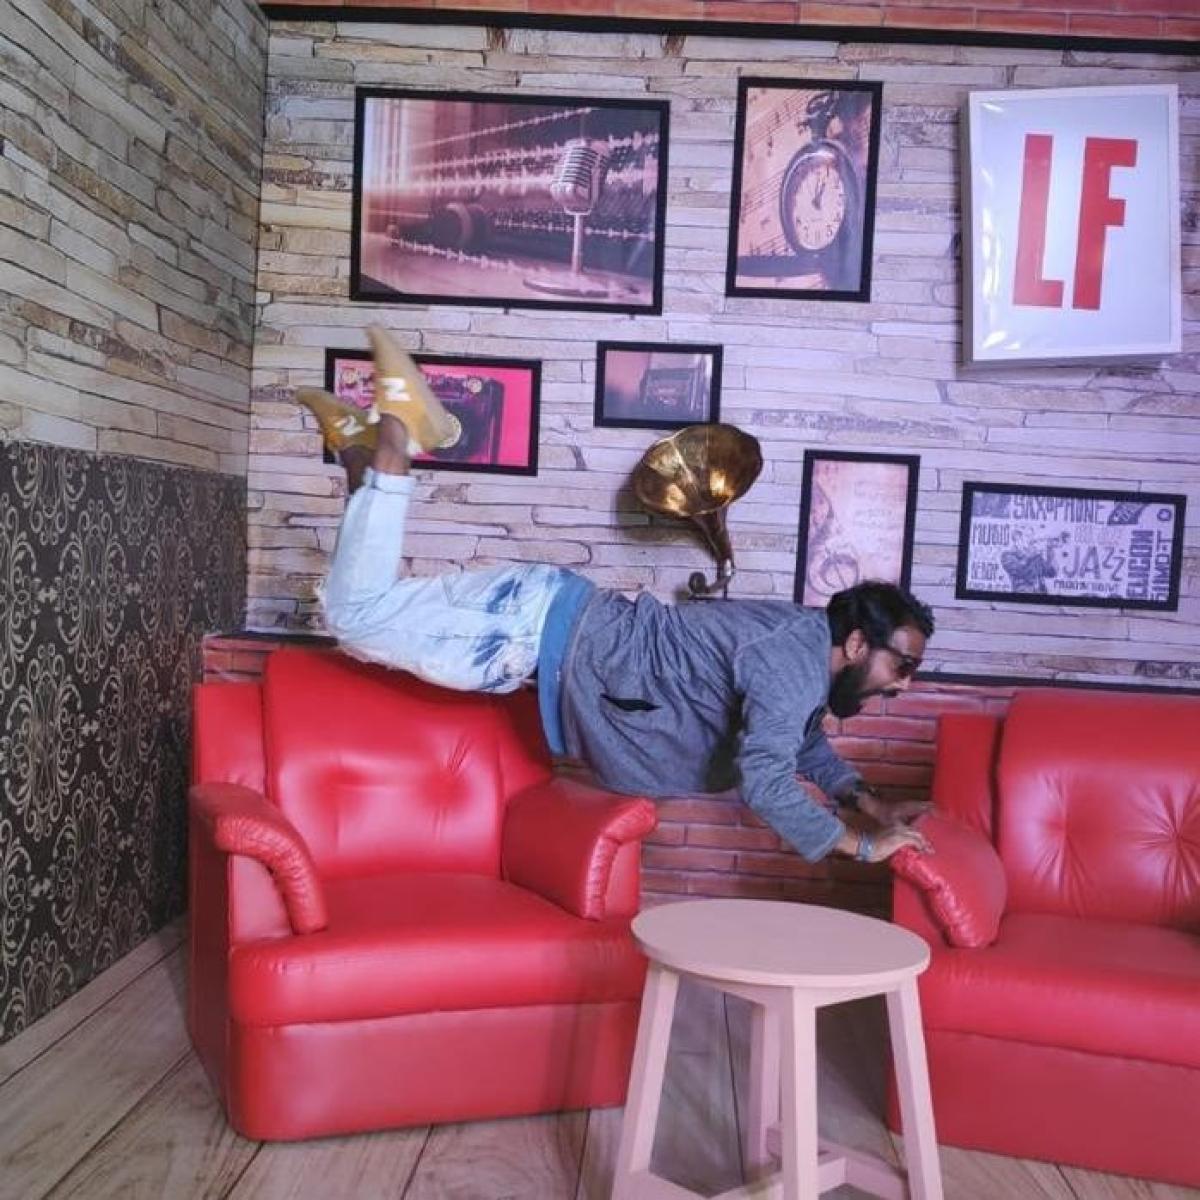 LF's zero gravity booth at Sula Fest 2019